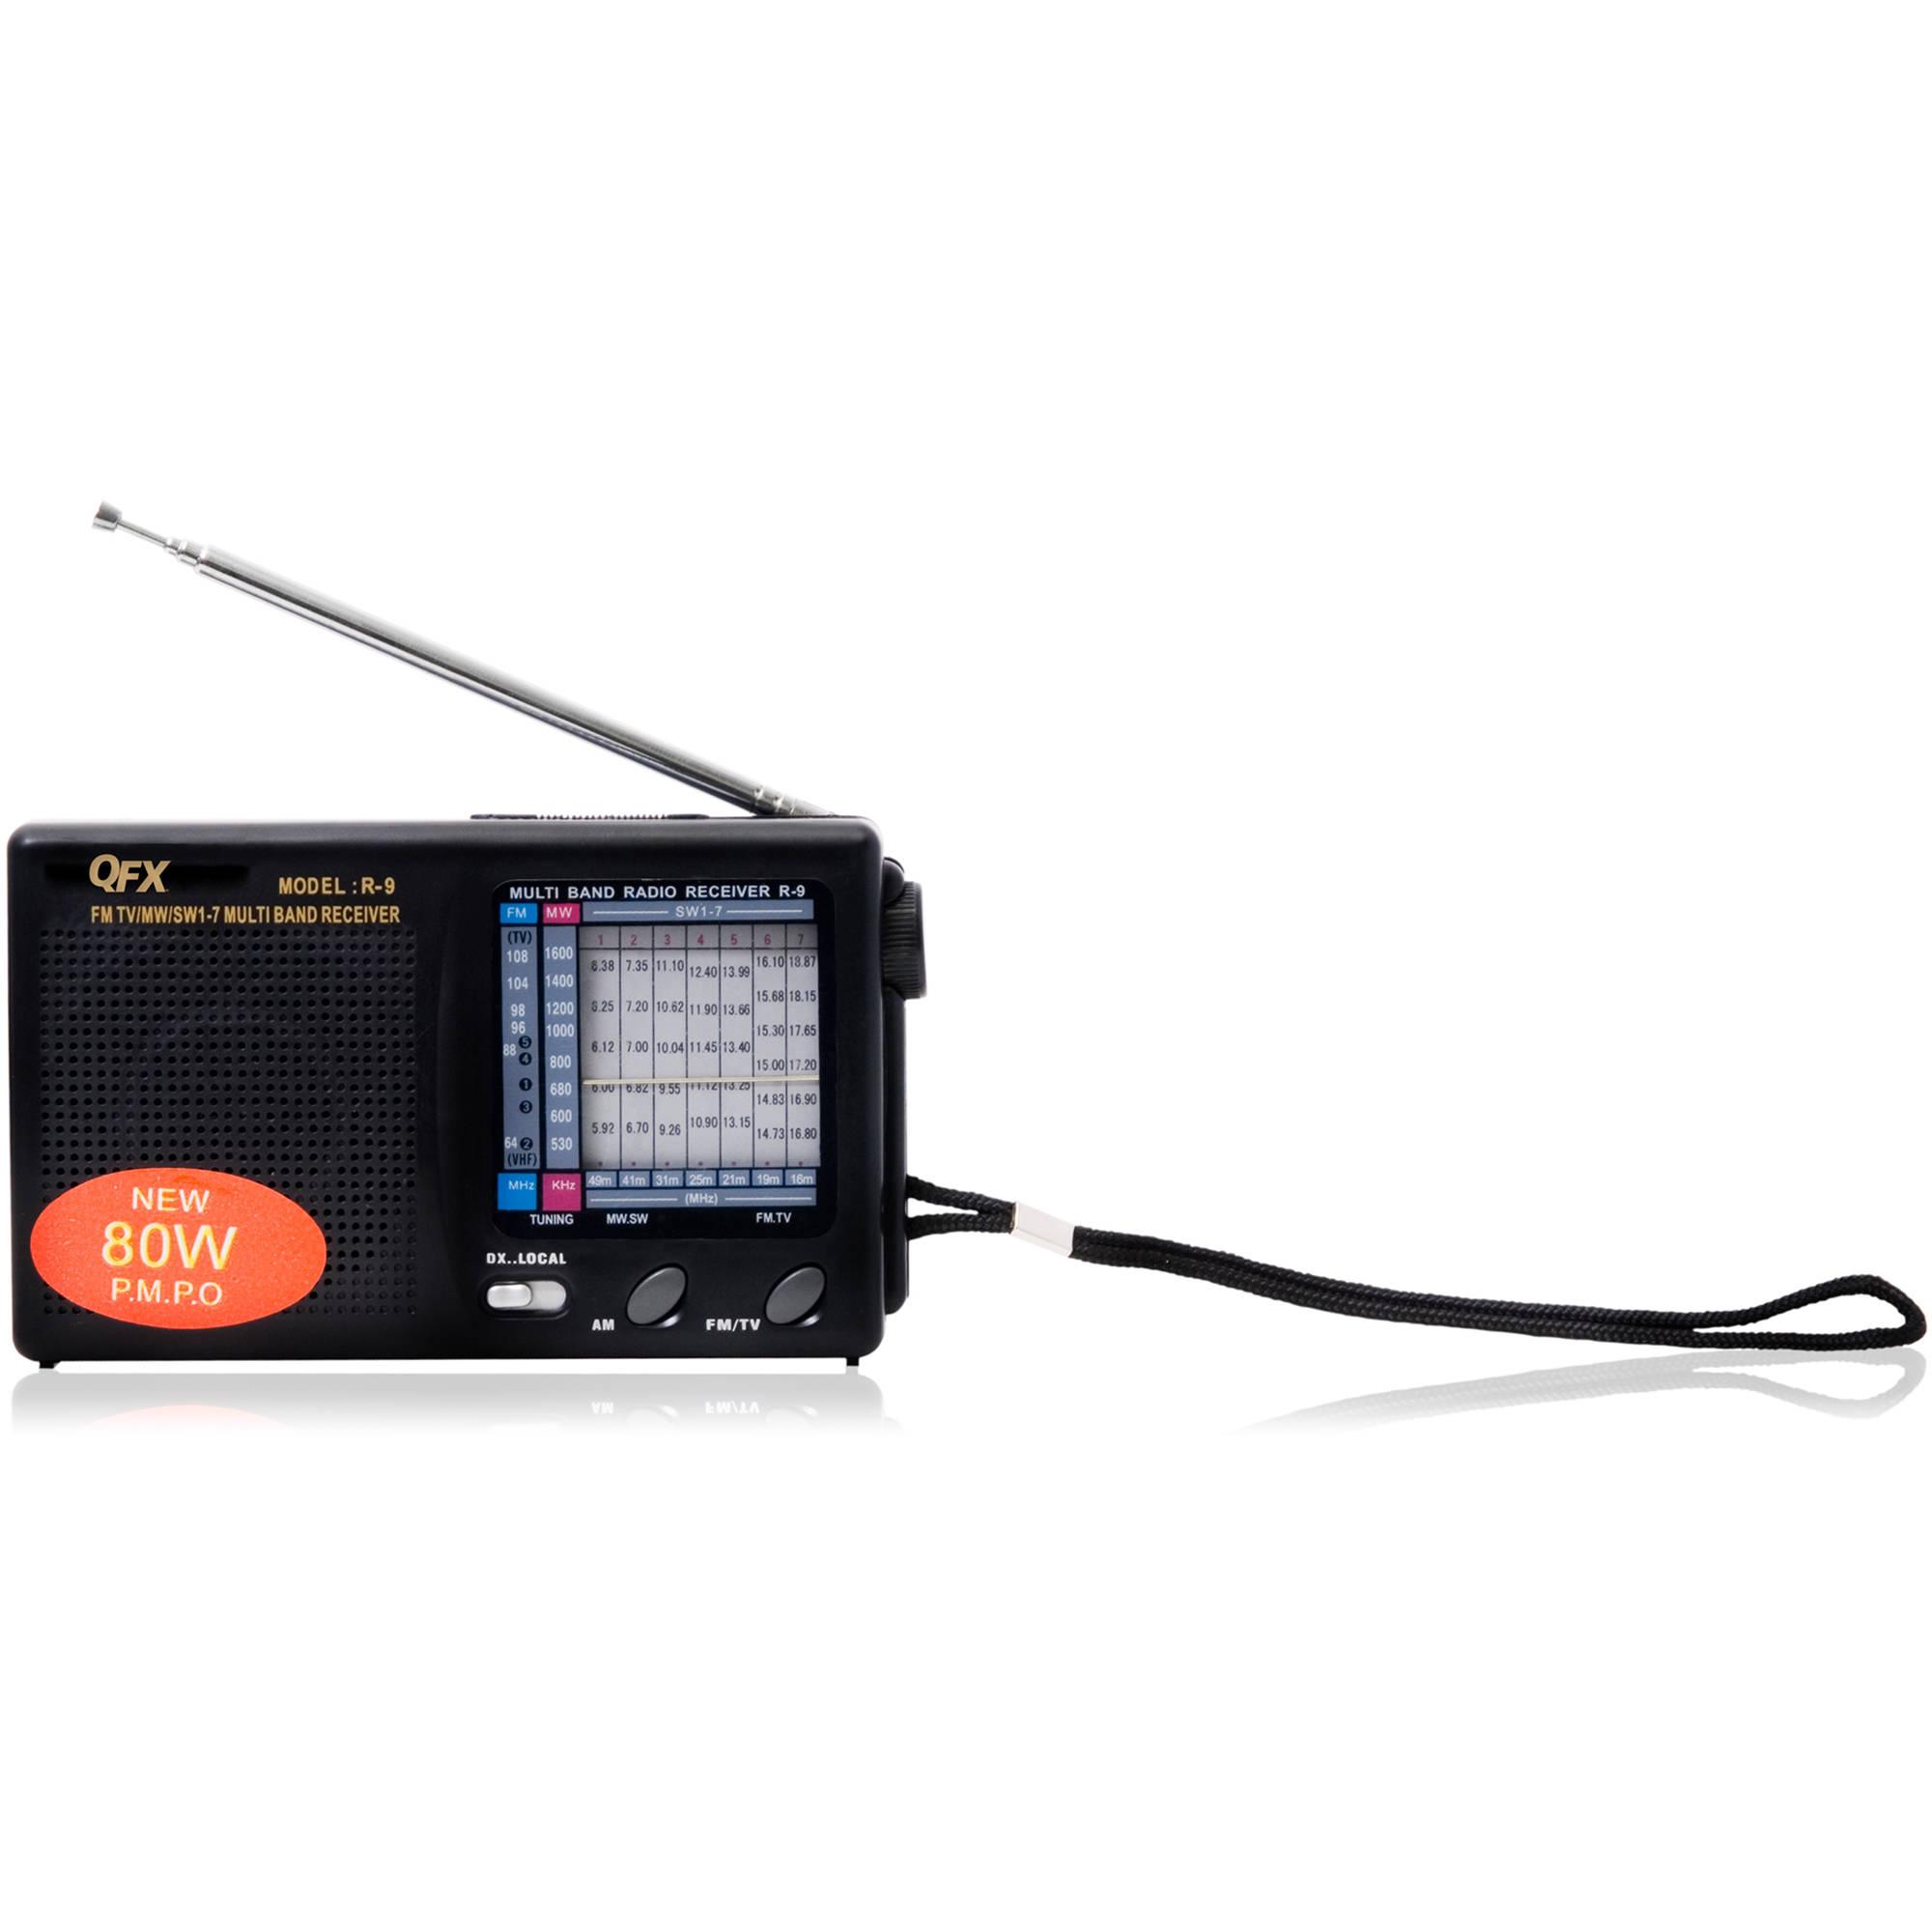 QFX R-9 AM/FM/MW/SW1-7 Pocket Radio (Black)